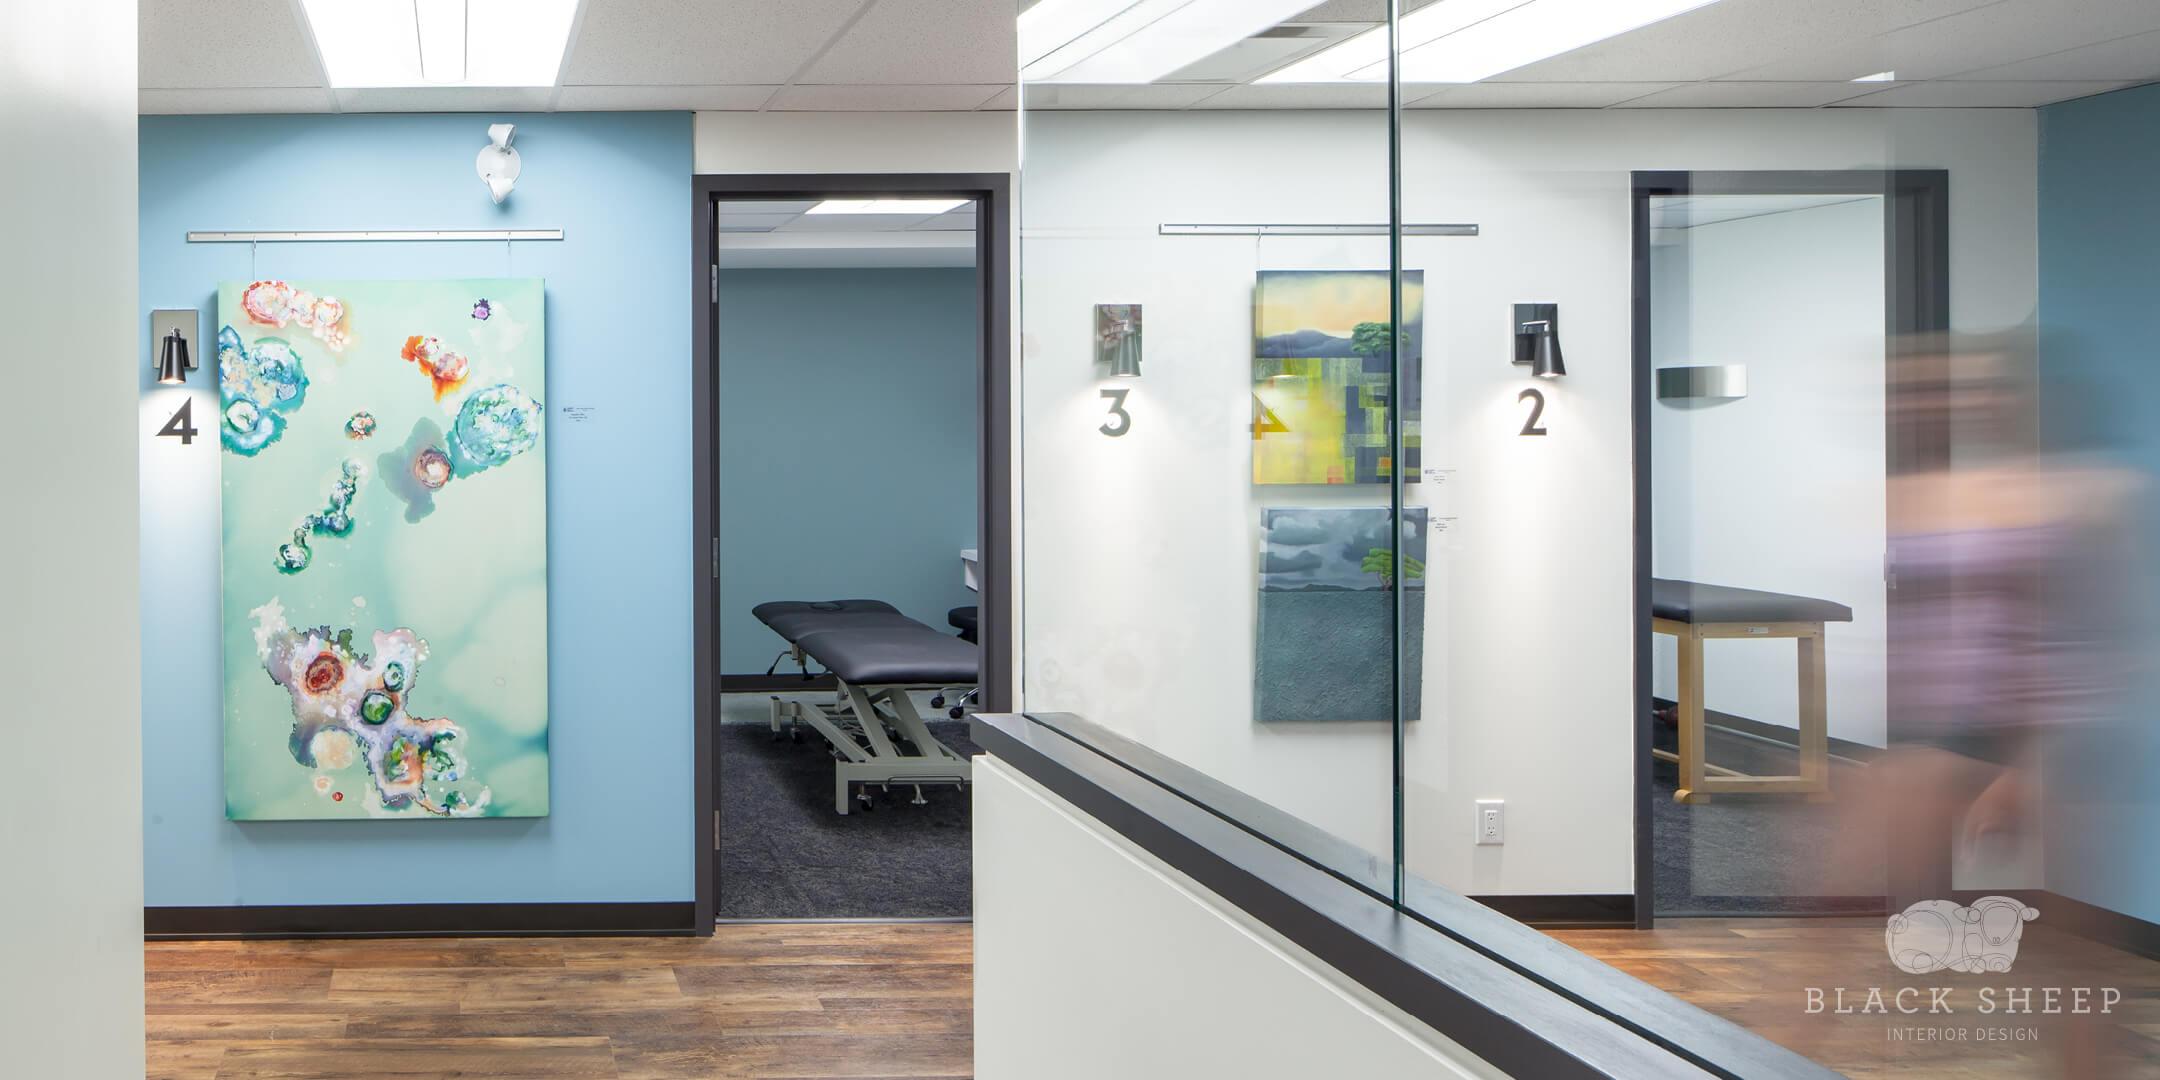 Black Sheep Interior Design - Living City Health 4